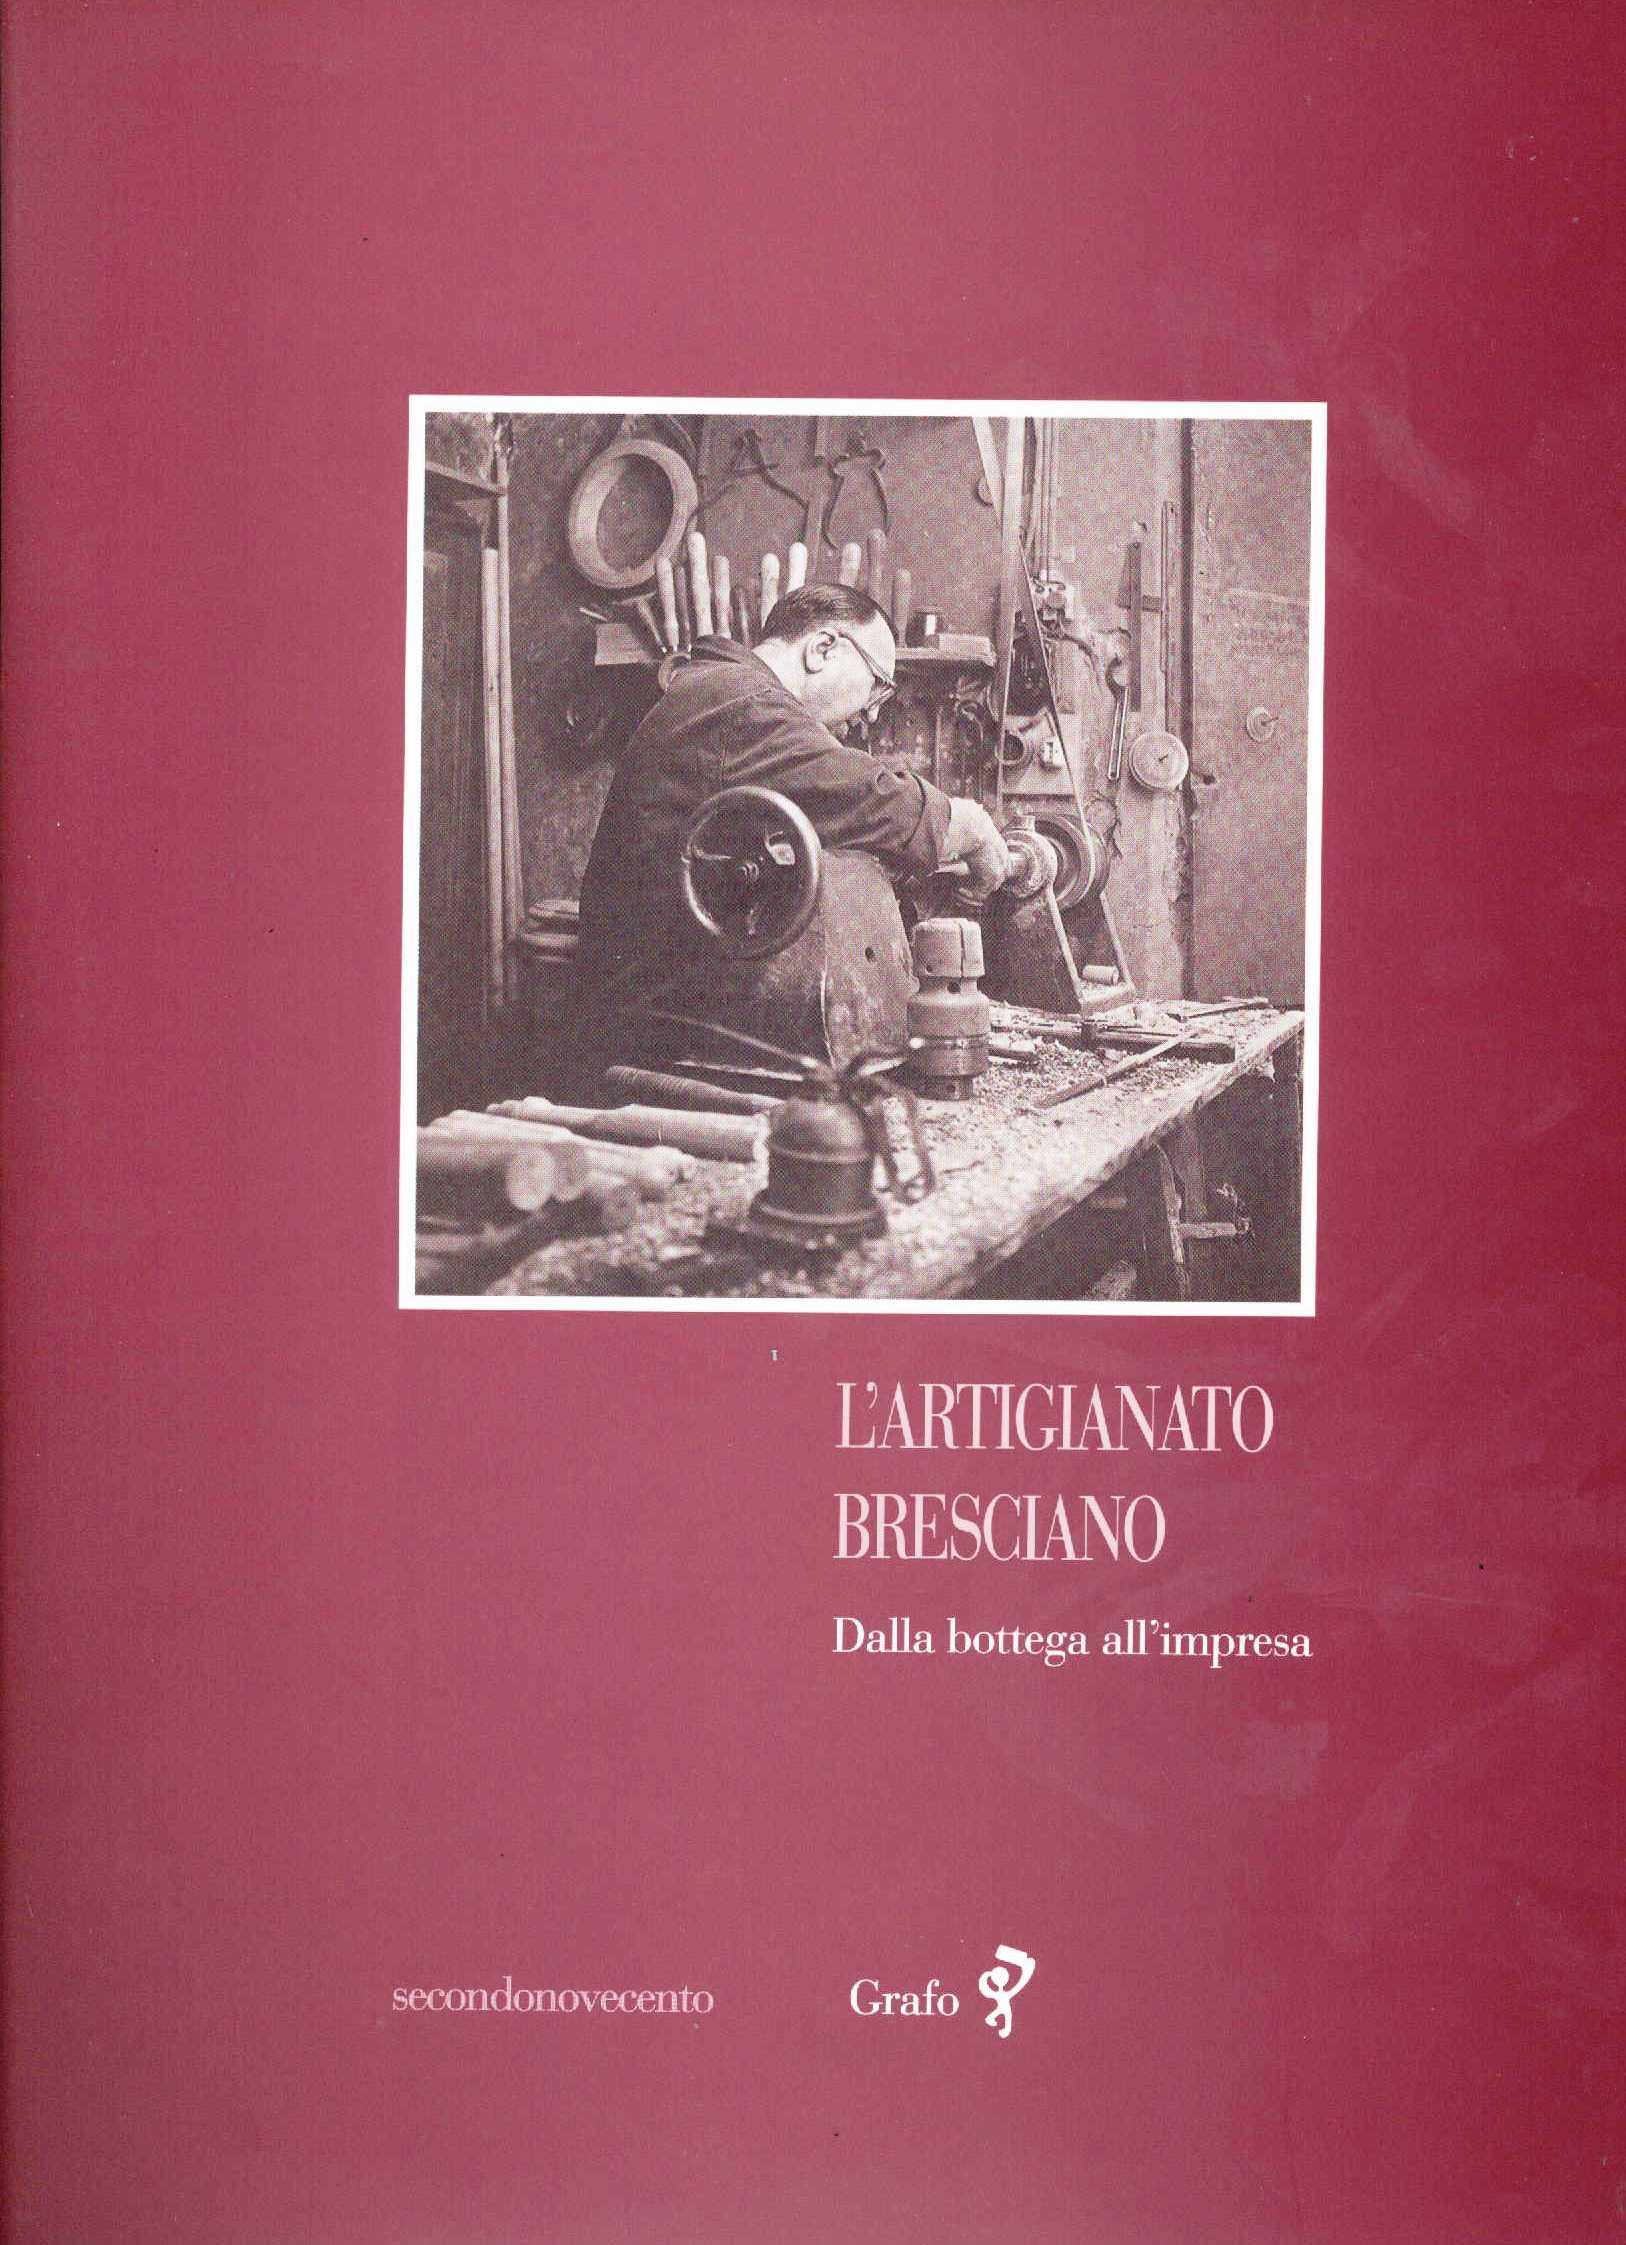 L'artigianato bresciano